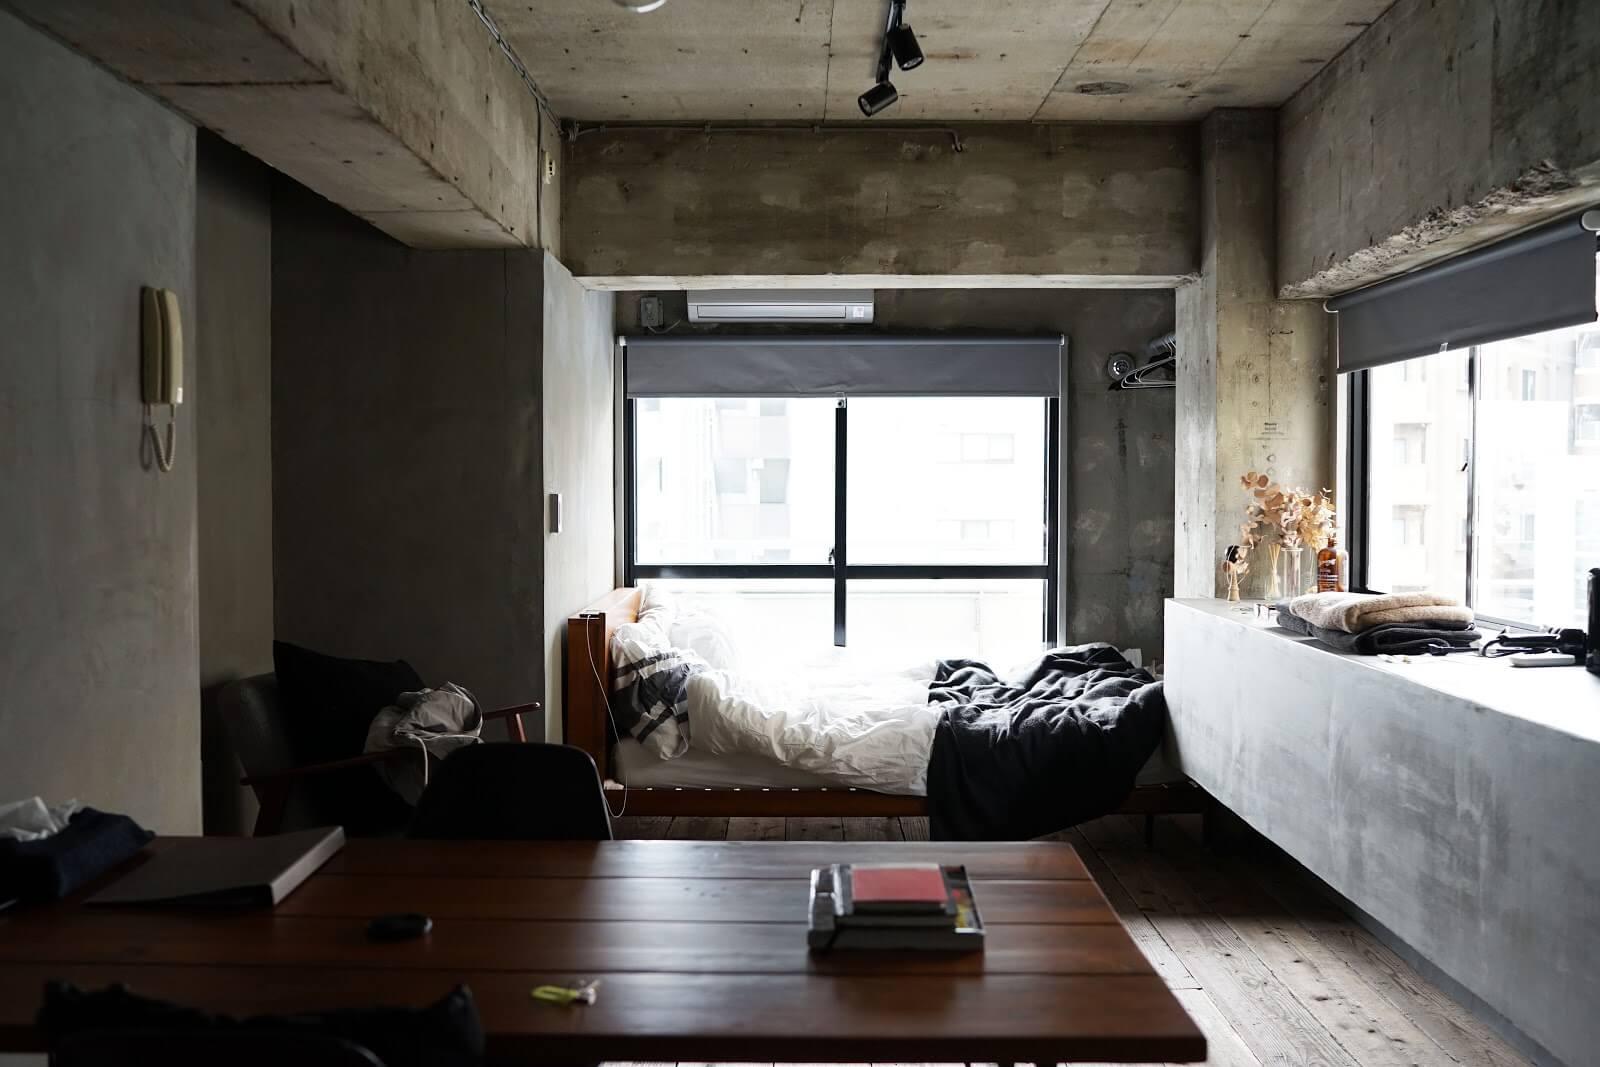 Calculadora Airbnb: un apartamento estudio urbano